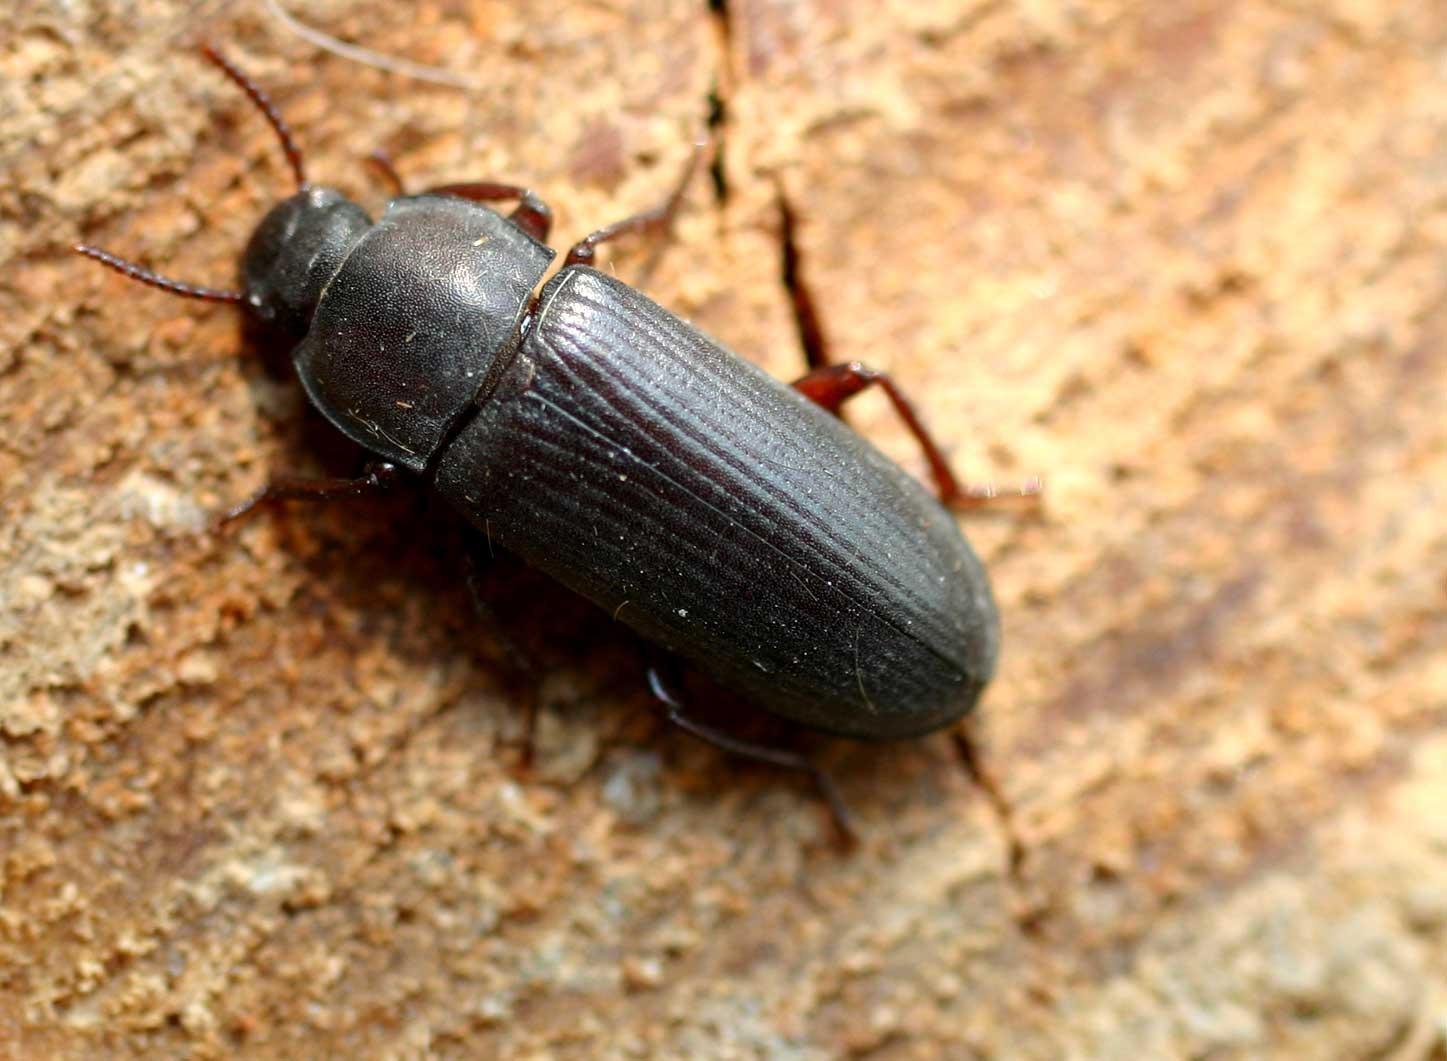 Длина взрослых особей может достигать 12-18 мм. Окрас верхней части тела чёрный, с бурым оттенком и характерным блеском. На нижней стороне тела насекомого присутствует красноватый оттенок. Усики жука состоят из 11 члеником и имеют чётковидную форму. Личинка этого вида в длину может достигать 25 мм. Окрас жёлтый, с буроватым оттенком. Глаза у личинки отсутствуют, а на грудном отделе имеется три пары ног.